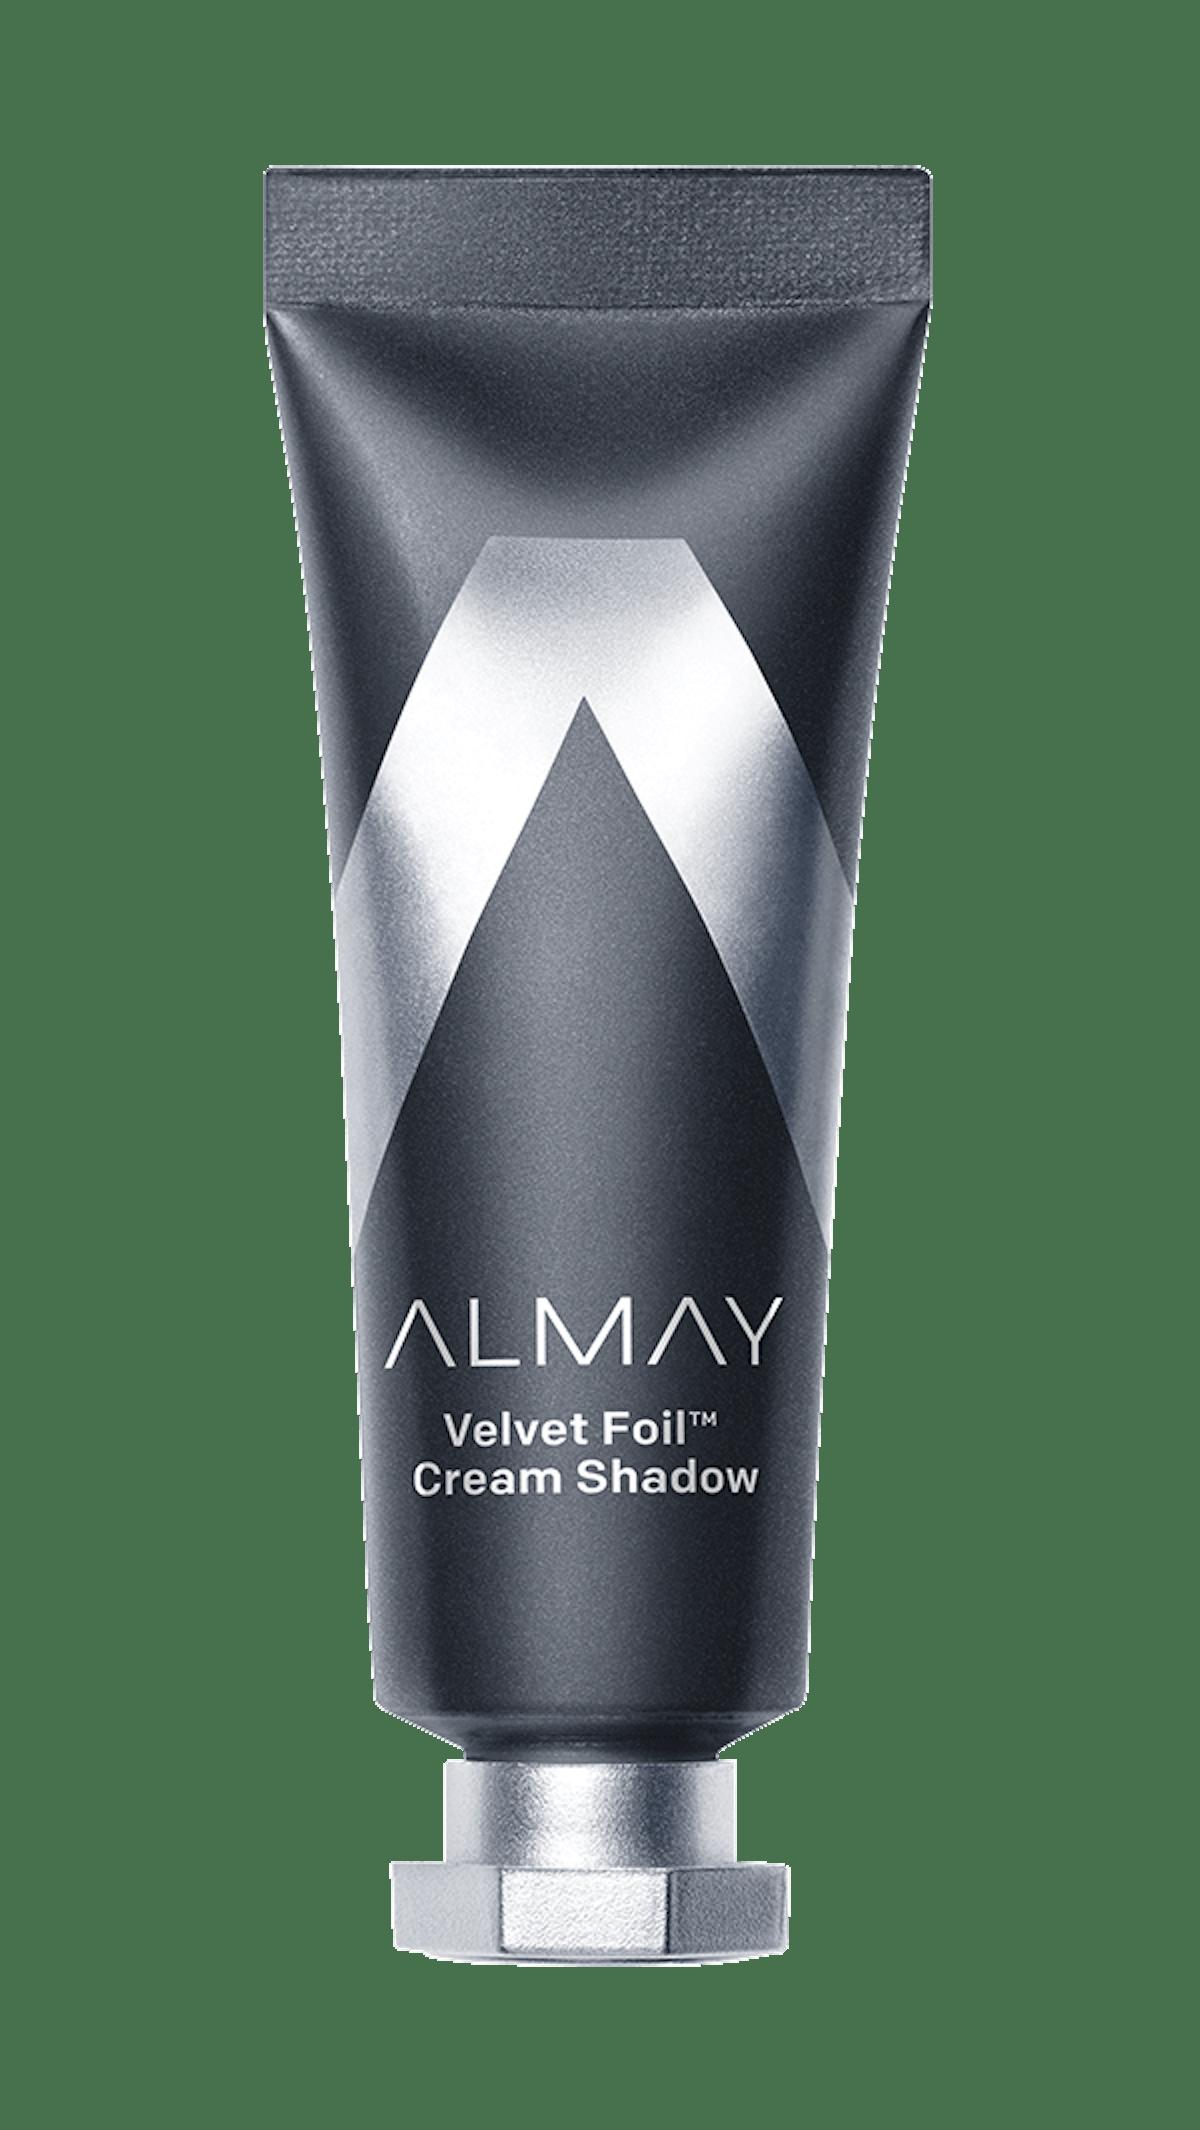 Velvet Foil Cream Shadow in Black Lightning